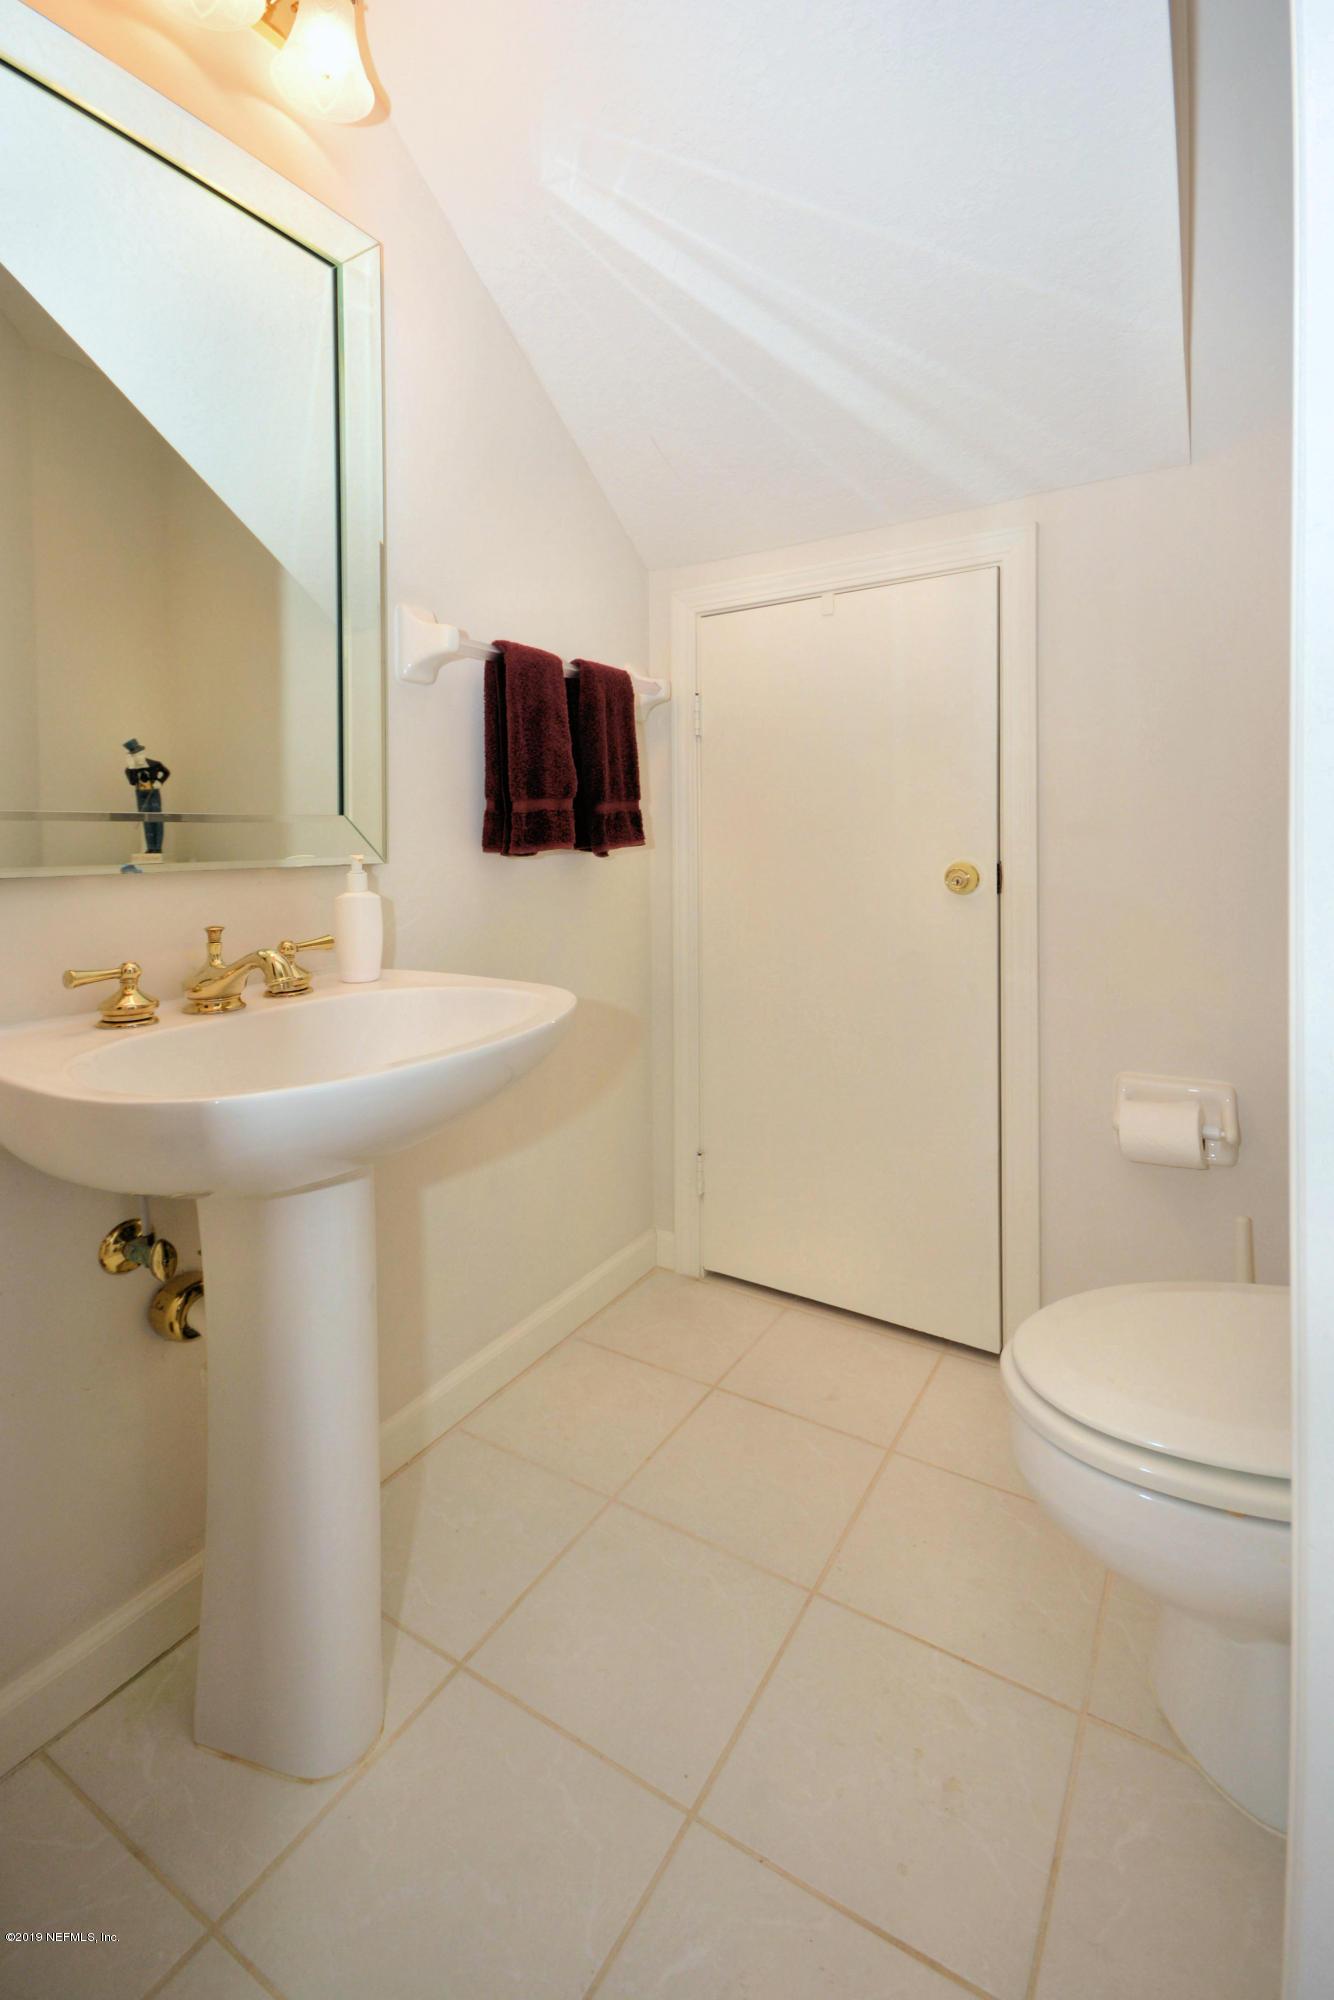 4320 OCEANHOMES, ST AUGUSTINE, FLORIDA 32080, 3 Bedrooms Bedrooms, ,3 BathroomsBathrooms,Residential,For sale,OCEANHOMES,1053565